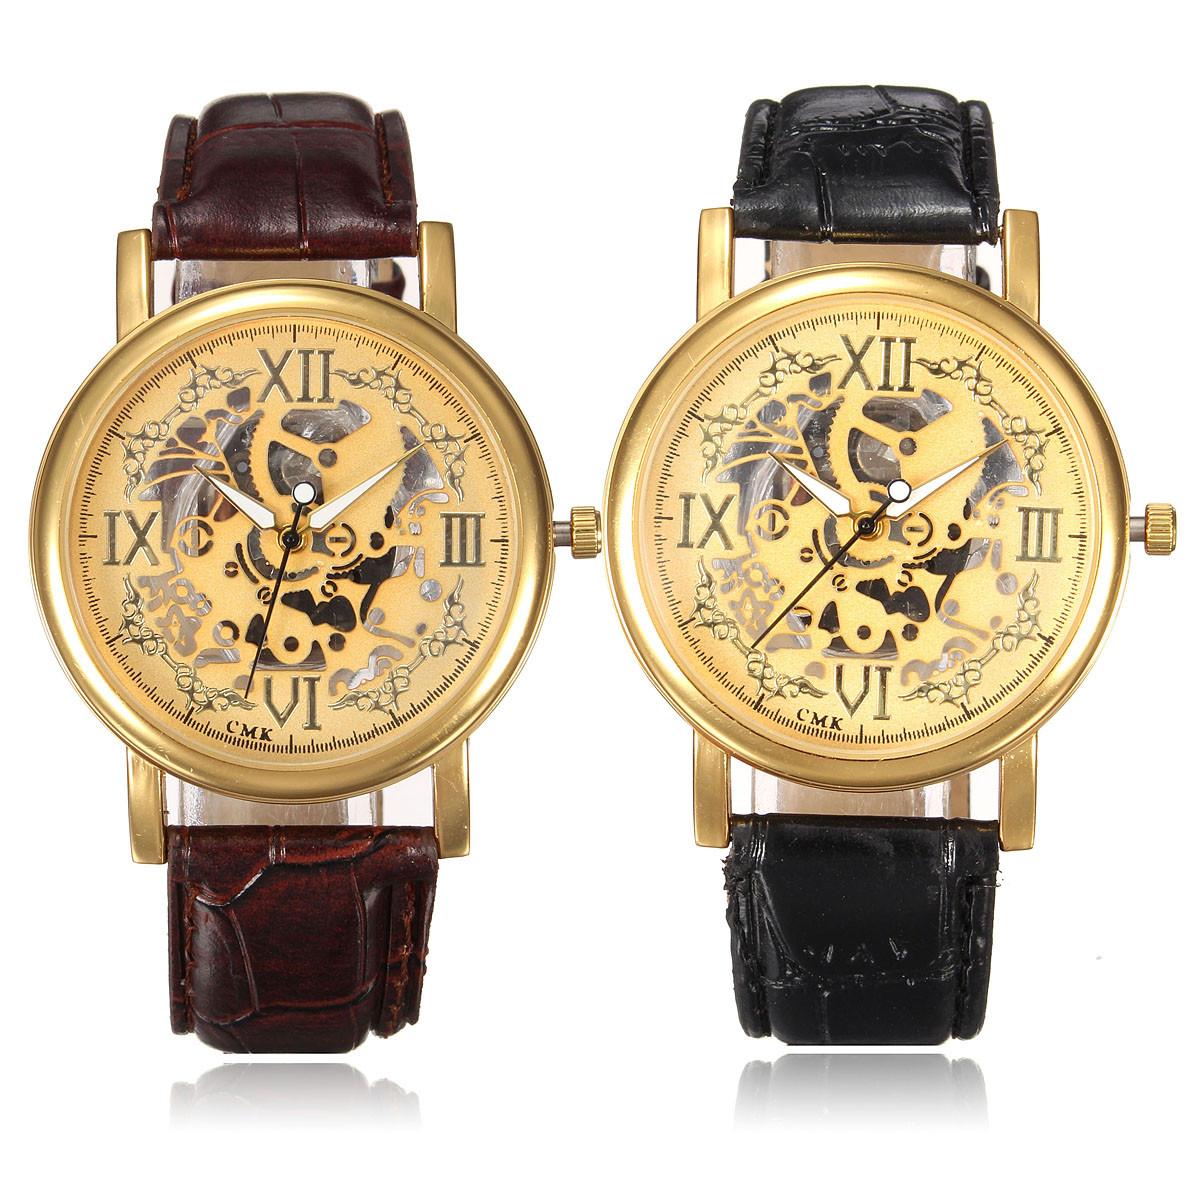 Случайные мужчины женщины прозрачный пу аналоговый кожаный ремешок кварцевые наручные часы